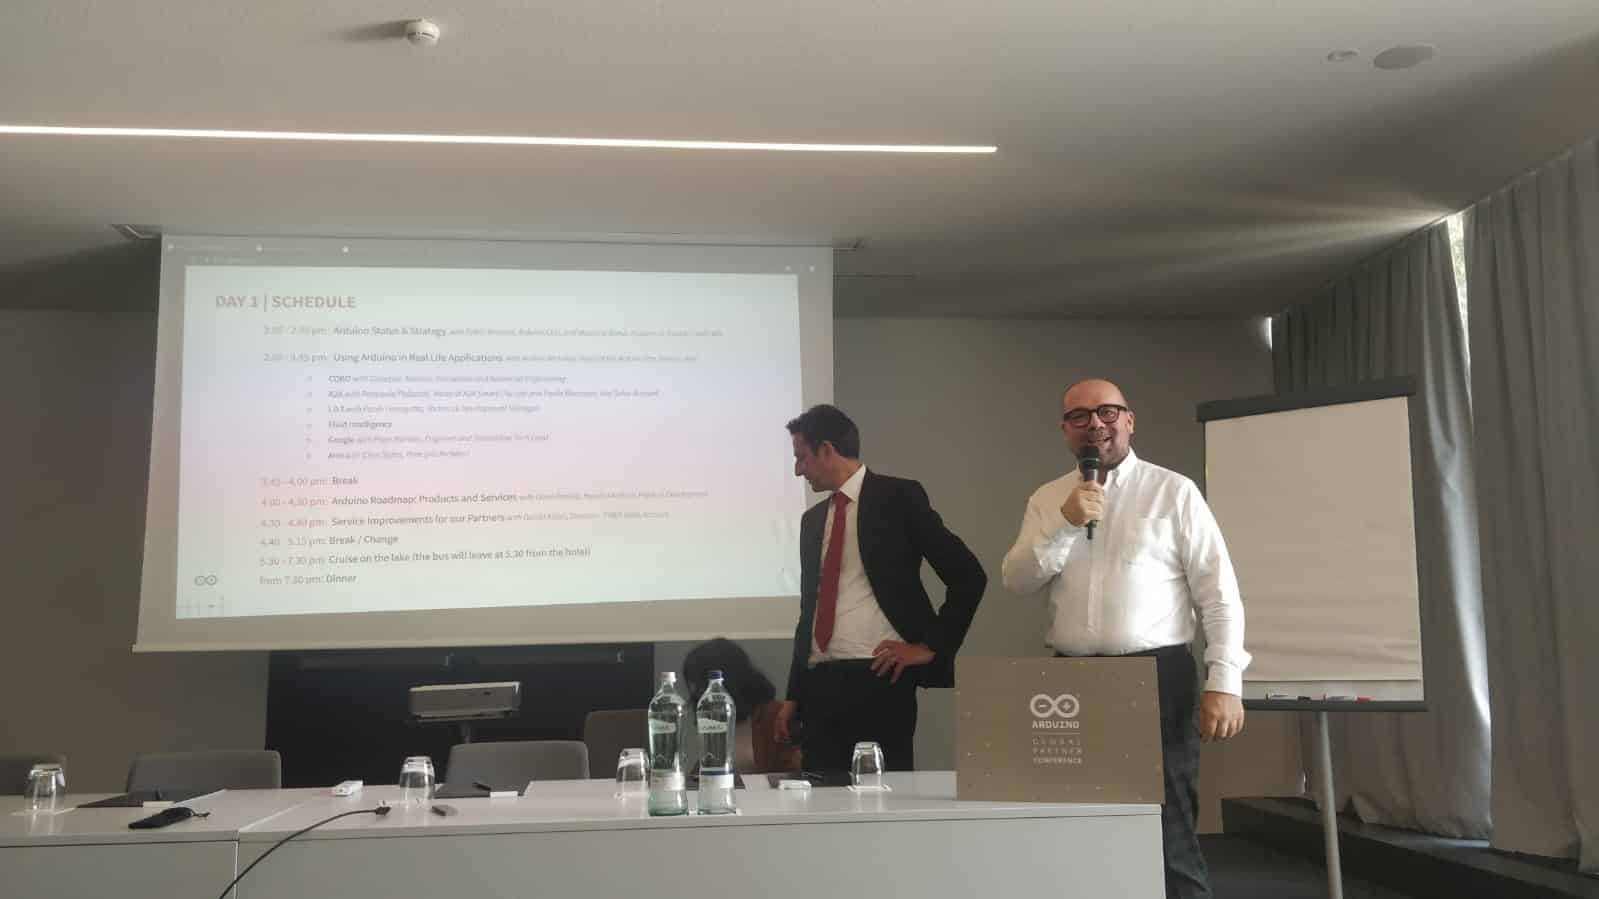 Präsentation von Fabio & Massimo Arduino während der ersten Arduino Global-Partnerkonferenz.